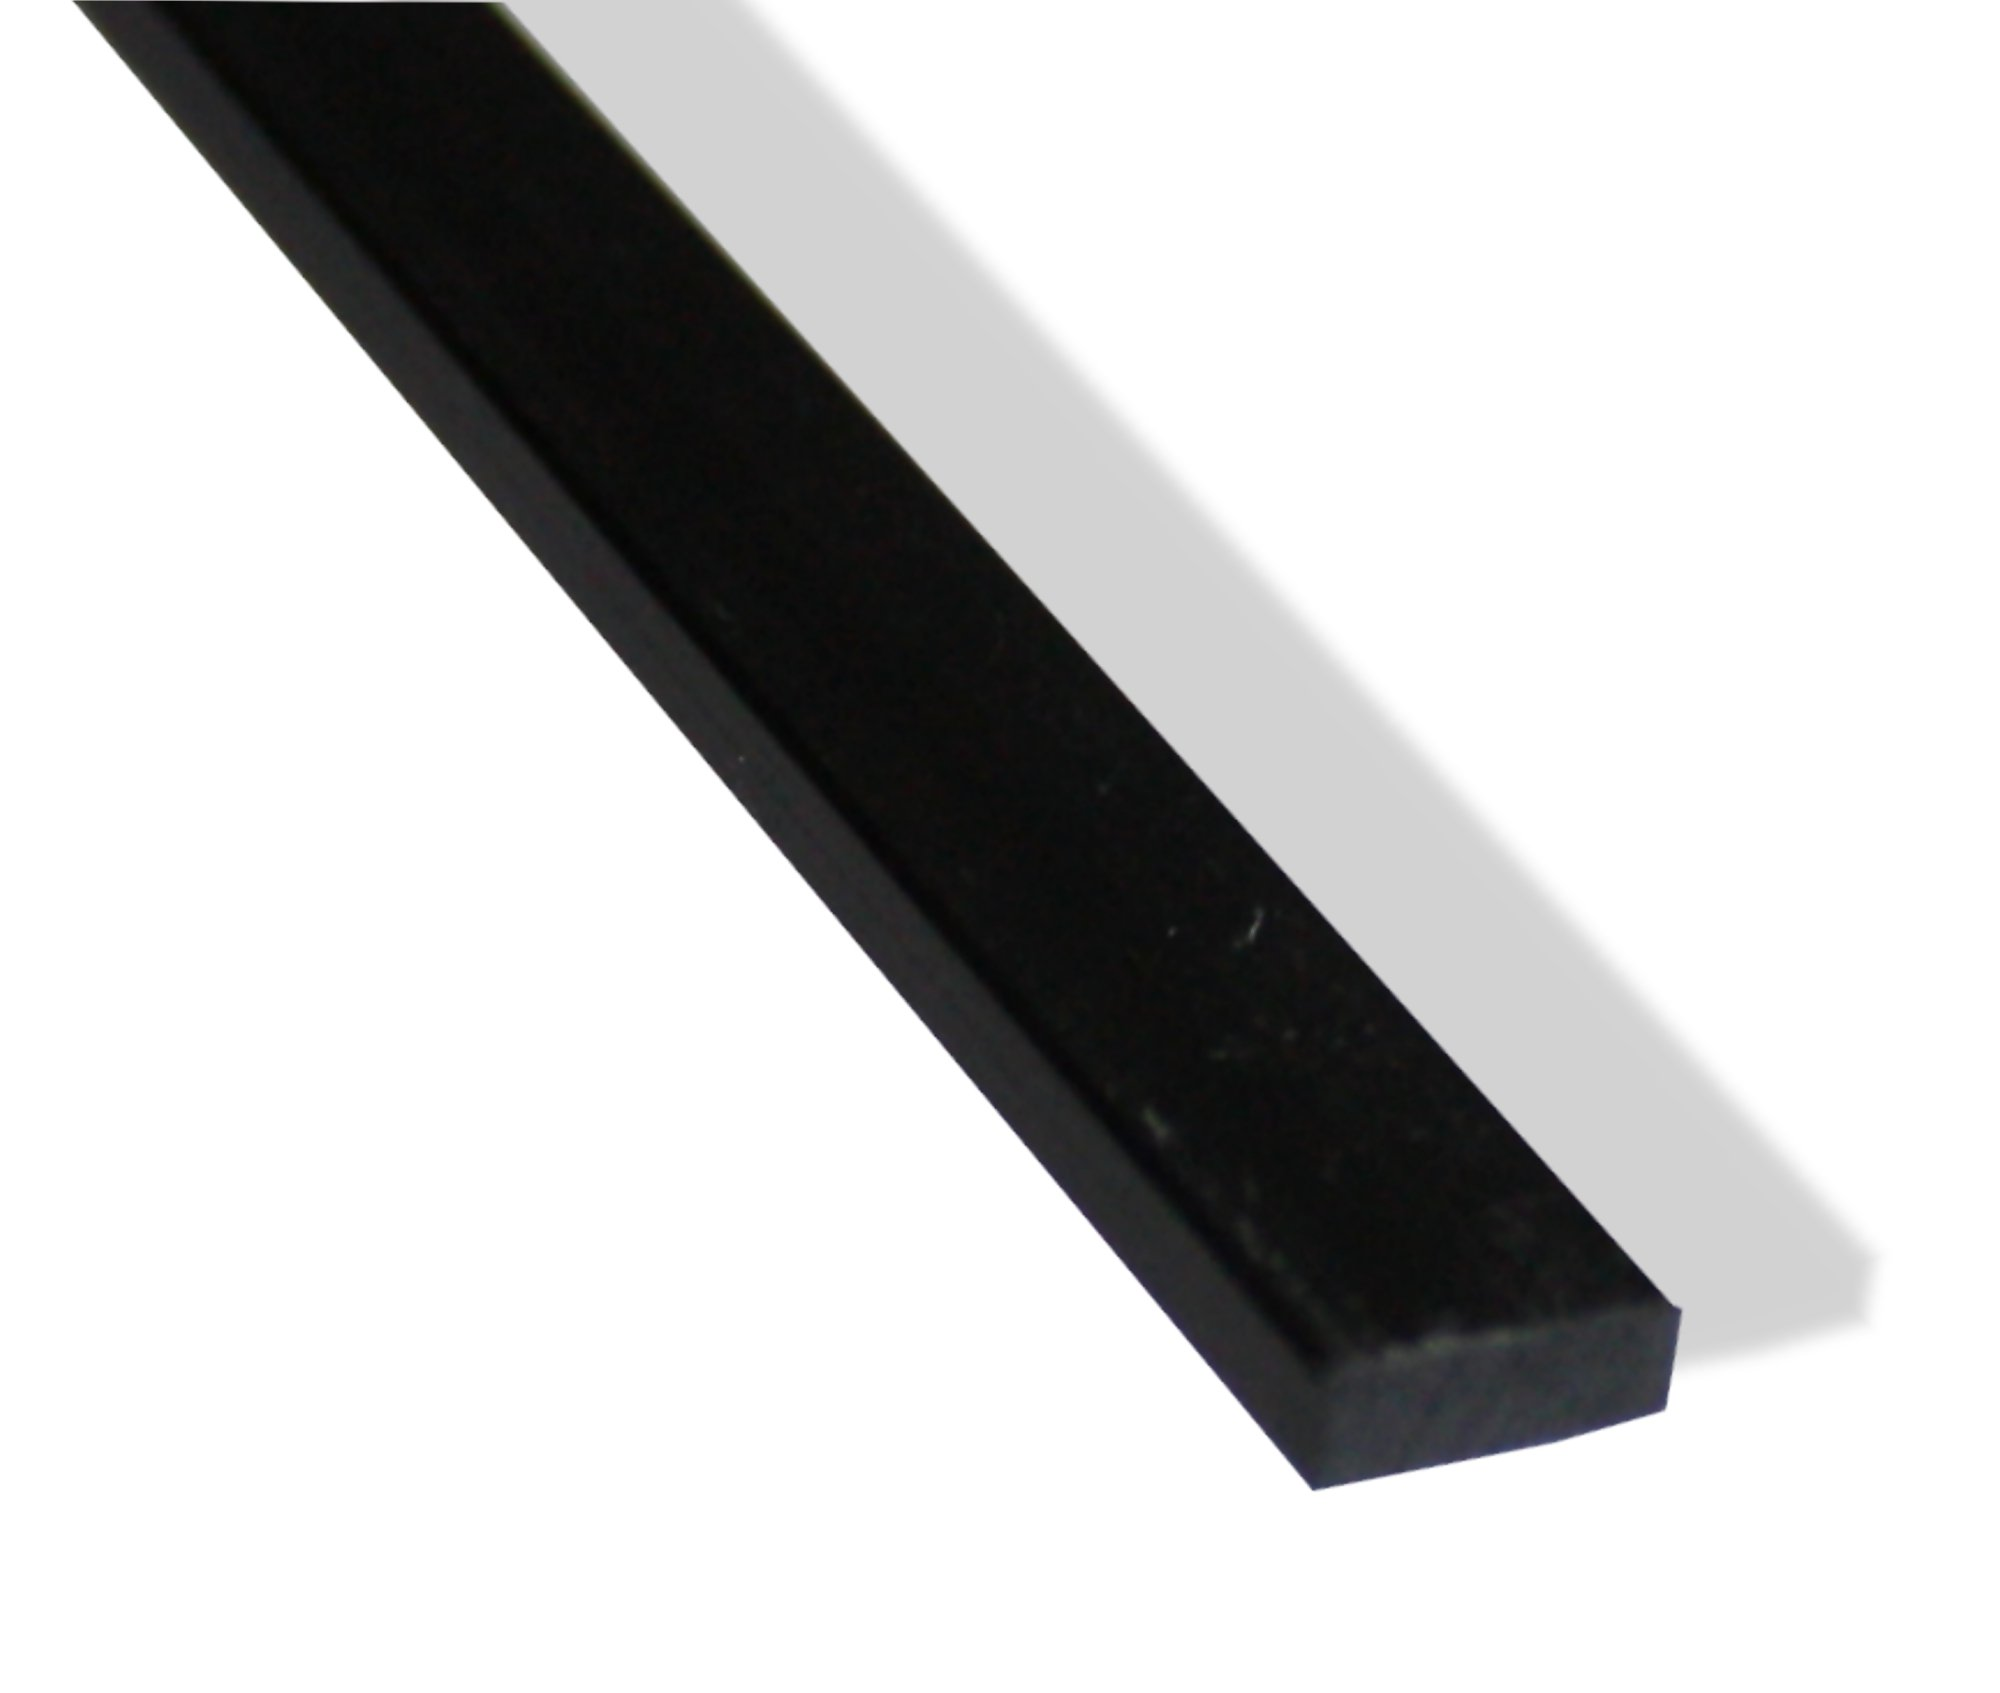 Bitterroot Carbon Fiber Truss Rod 24'' x 1/8''w x 5/16'' h